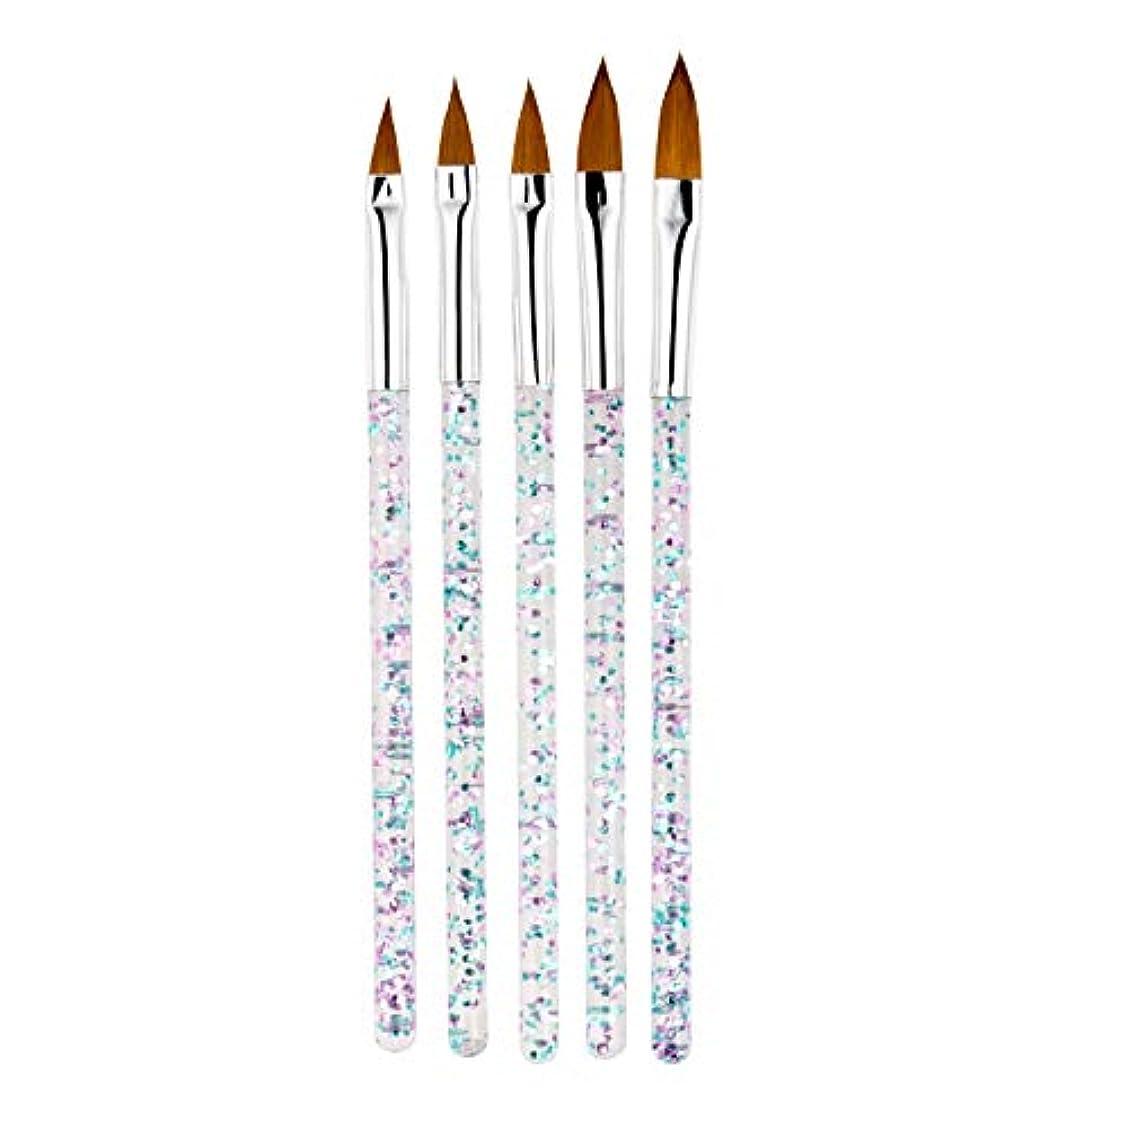 カバー弾薬マニアCUHAWUDBA 5本/セット、11/13/15/17/19Mm ネイルアート水晶ブラシ、Uvジェルのビルダー、絵画用ドットペン、彫刻、先端、マニキュア、サロンのツール